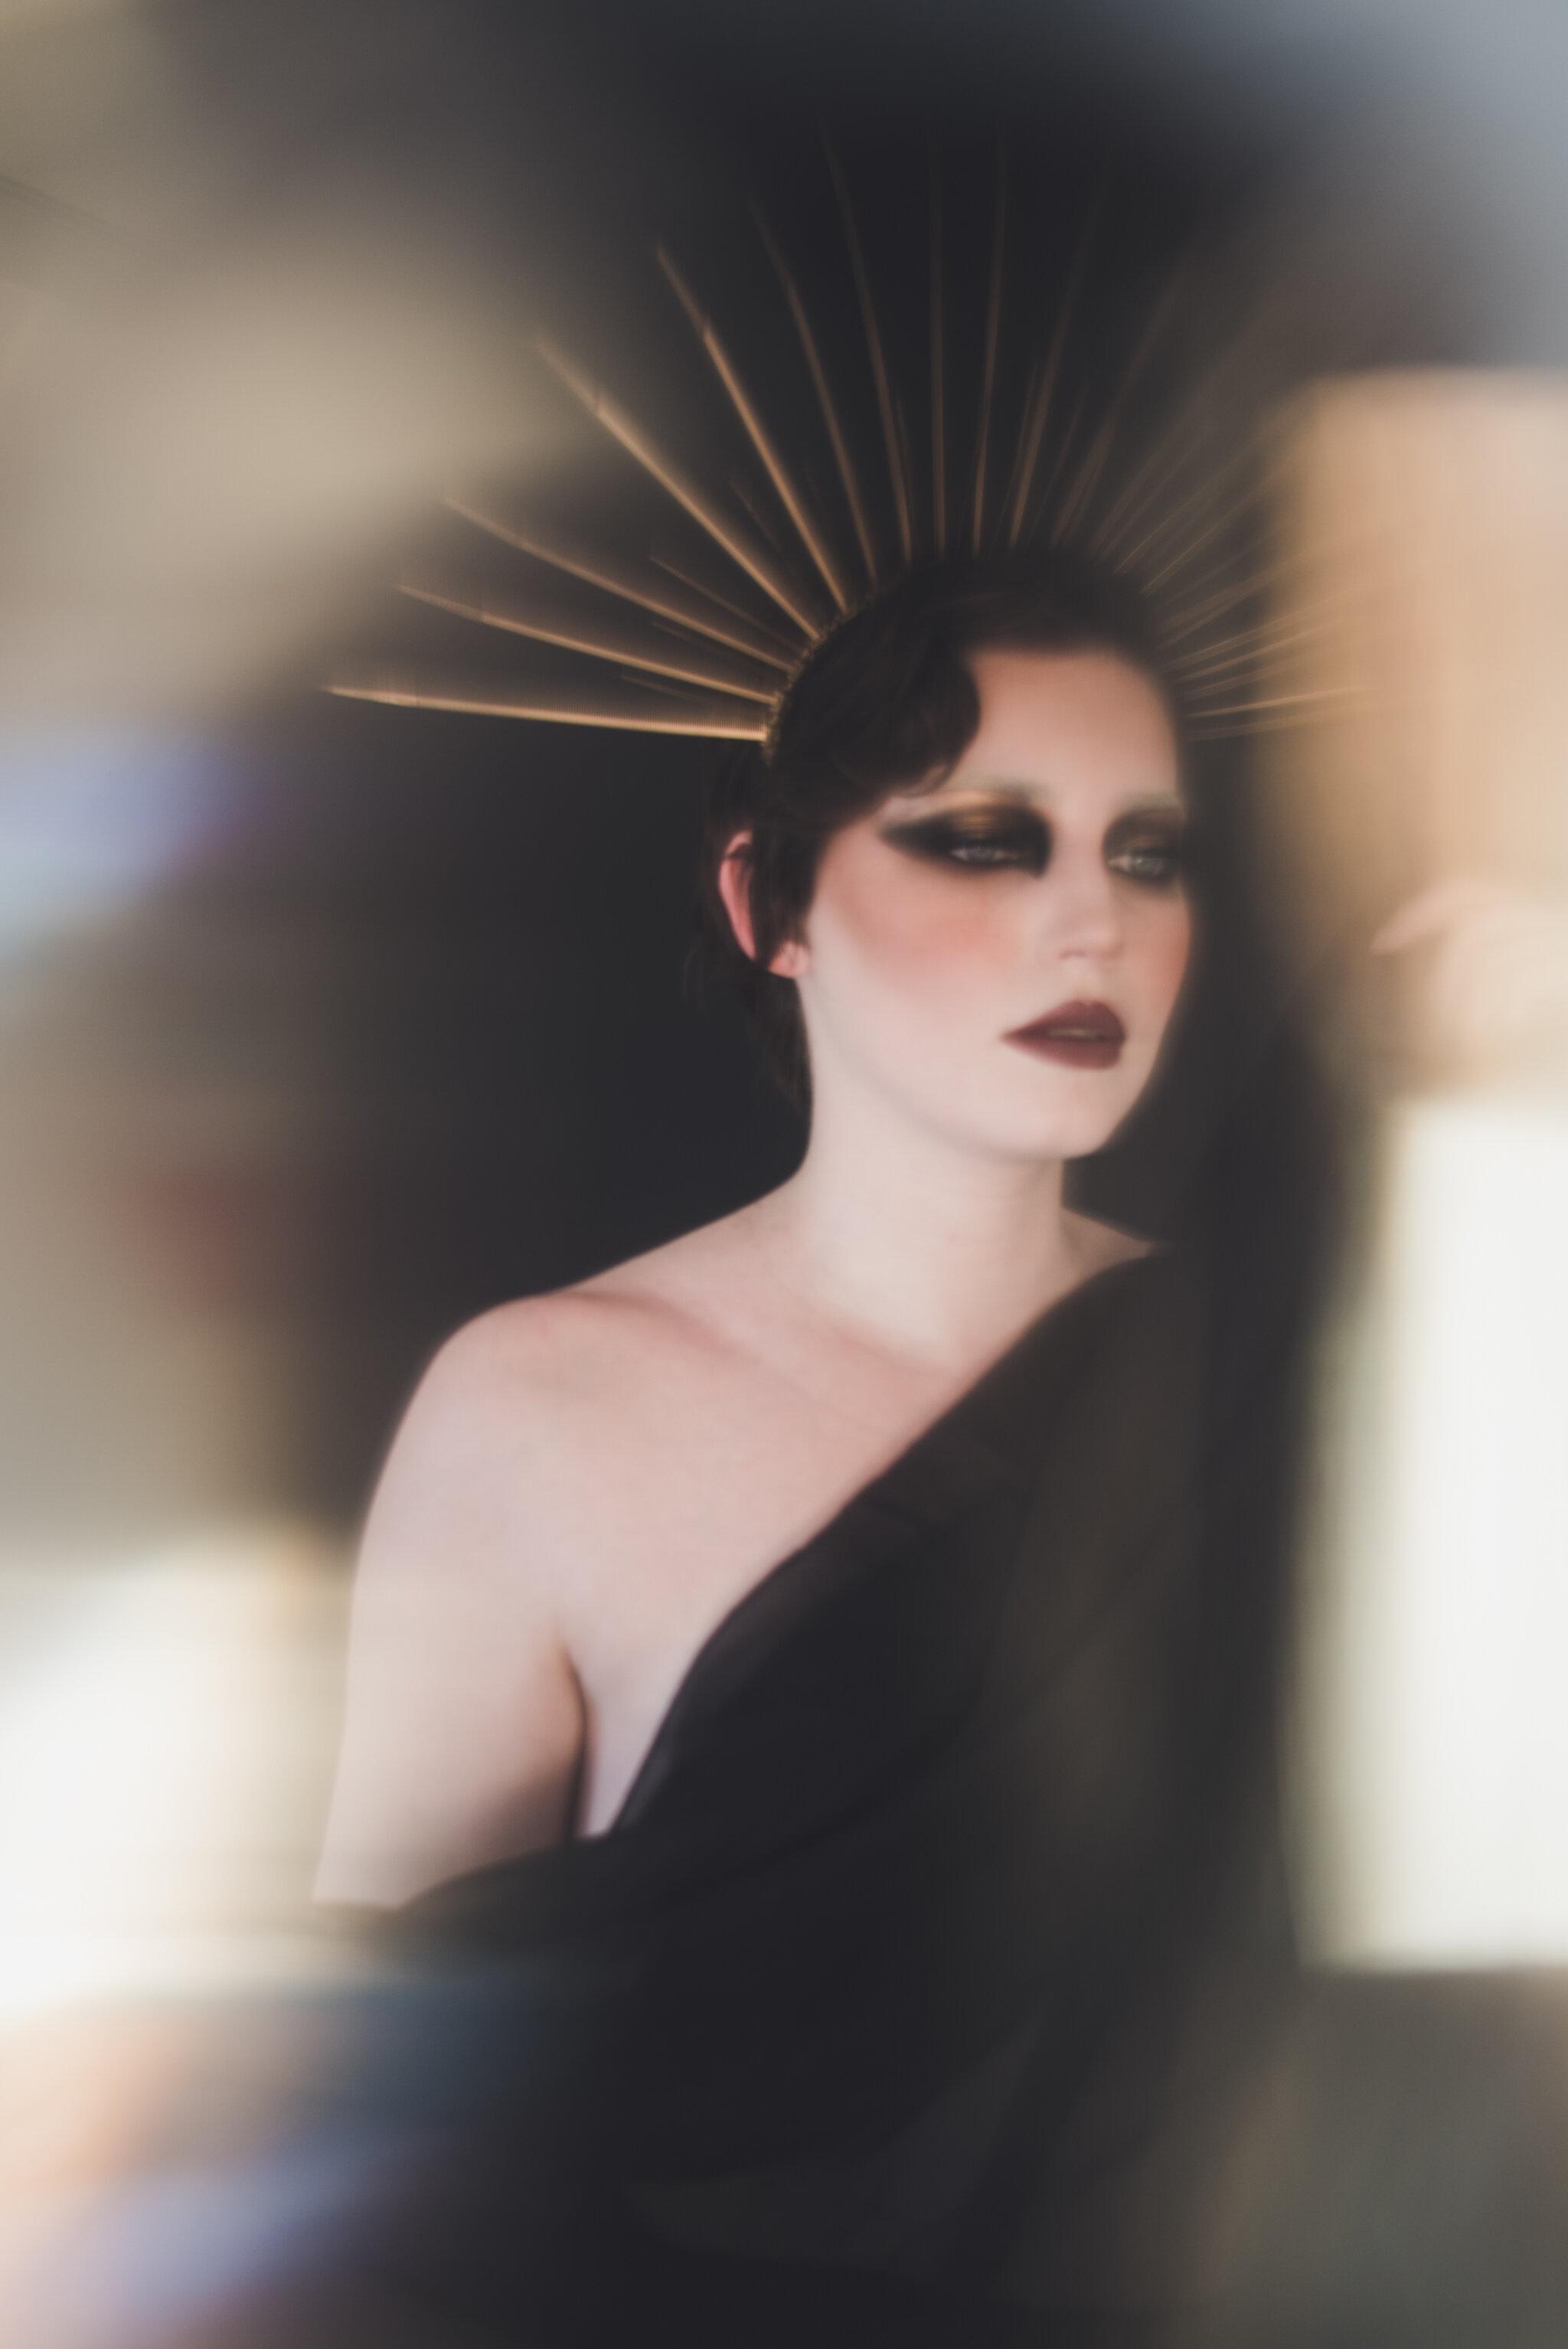 Photographer: Andrea Hutchinson Model: Alexis Fabish